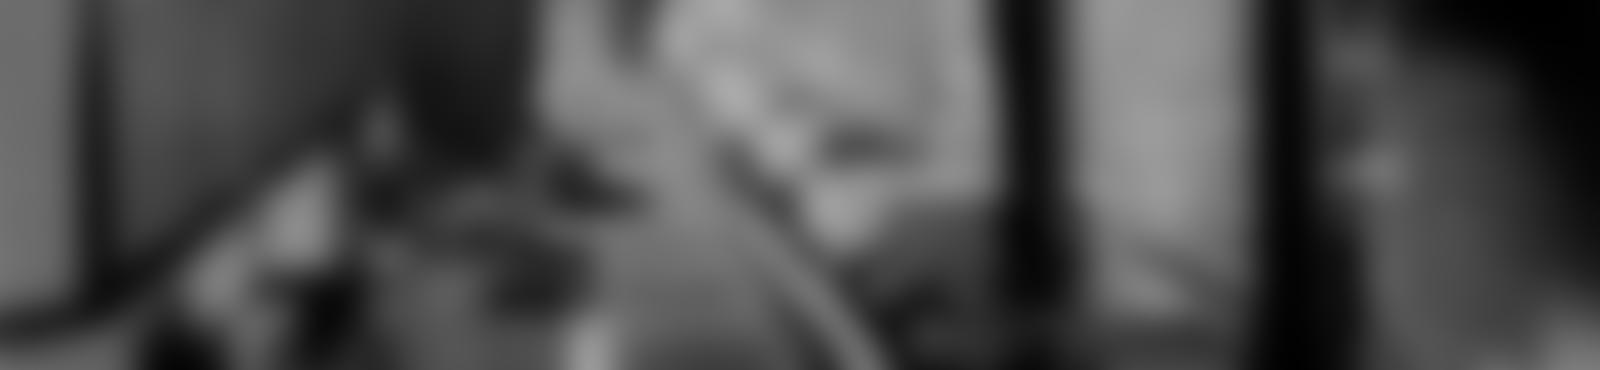 Blurred 64130362 7b0b 4730 a3ee 14f518c4f144